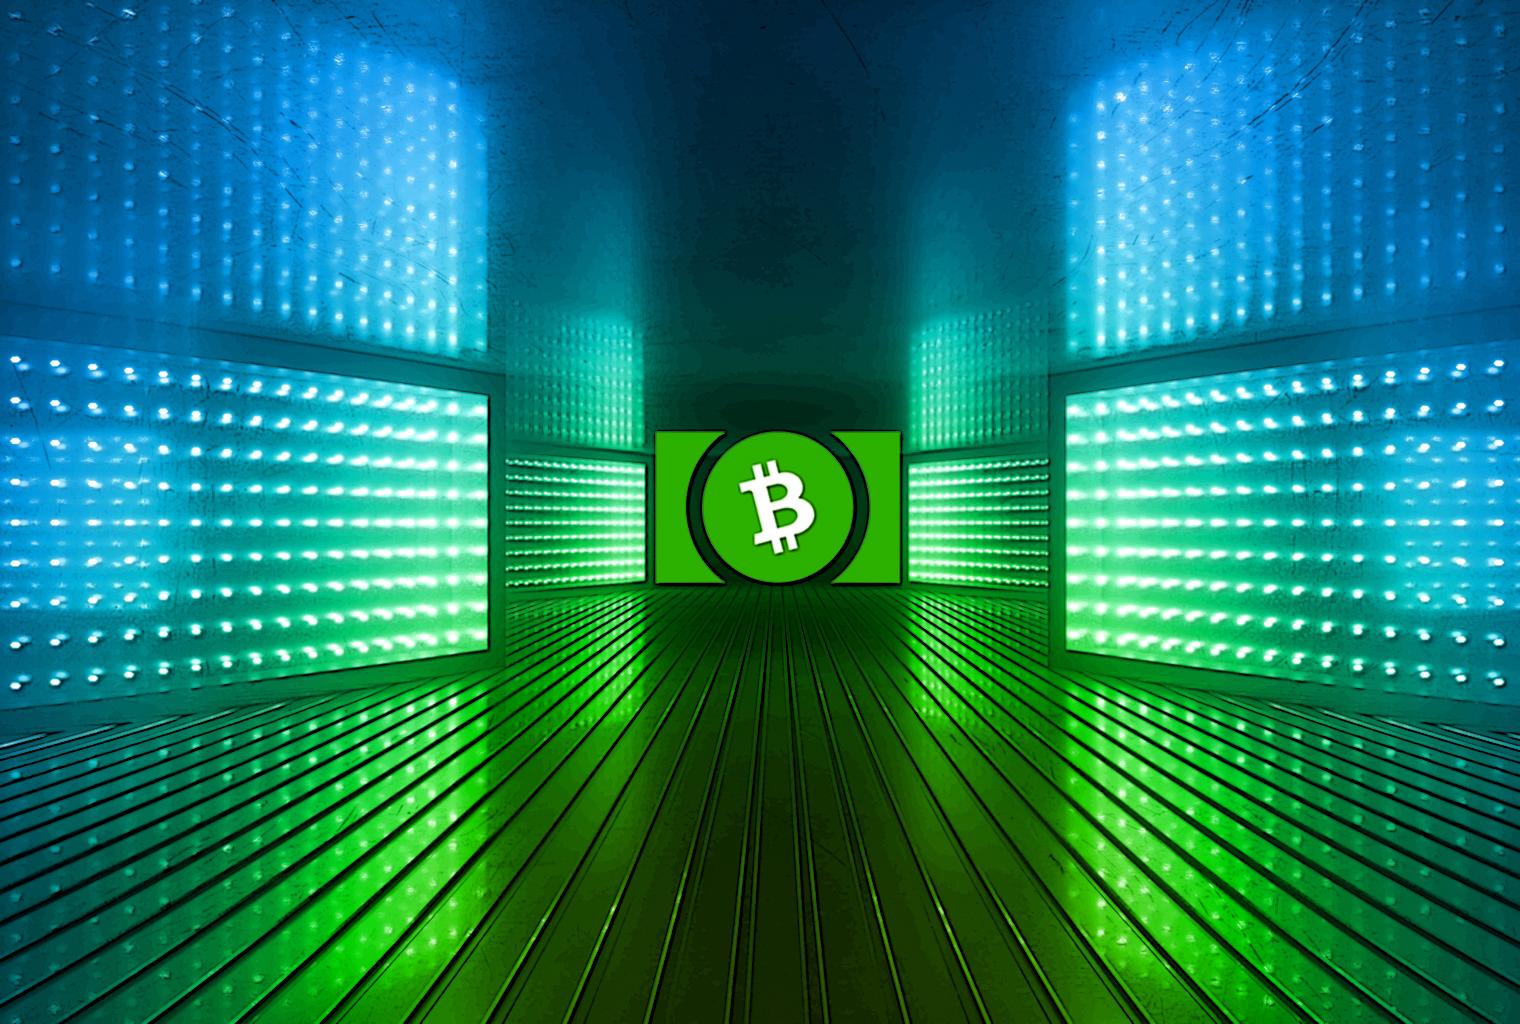 """Actualización de Bitcoin Cash completada: 2 nuevos cambios de protocolo agregados """"width ="""" 1520 """"height ="""" 1024 """"srcset ="""" https: //news.bitcoin .com / wp-content / uploads / 2019/11 / upgrade.jpg 1520w, https://news.bitcoin.com/wp-content/uploads/2019/11/upgrade-300x202.jpg 300w, https: // noticias .bitcoin.com / wp-content / uploads / 2019/11 / upgrade-1024x690.jpg 1024w, https://news.bitcoin.com/wp-content/uploads/2019/11/upgrade-768x517.jpg 768w, https : //news.bitcoin.com/wp-content/uploads/2019/11/upgrade-696x469.jpg 696w, https://news.bitcoin.com/wp-content/uploads/2019/11/upgrade-1392x938. jpg 1392w, https://news.bitcoin.com/wp-content/uploads/2019/11/upgrade-1068x719.jpg 1068w, https://news.bitcoin.com/wp-content/uploads/2019/11/ upgrade-623x420.jpg 623w, https://news.bitcoin.com/wp-content/uploads/2019/11/upgrade-190x128.jpg 190w, https://news.bitcoin.com/wp-content/uploads/ 2019/11 / upgrade-380x256.jpg 380w, https://news.bitcoin.com/wp-con tienda / uploads / 2019/11 / upgrade-760x512.jpg 760w """"tamaños ="""" (ancho máximo: 1520px) 100vw, 1520px"""